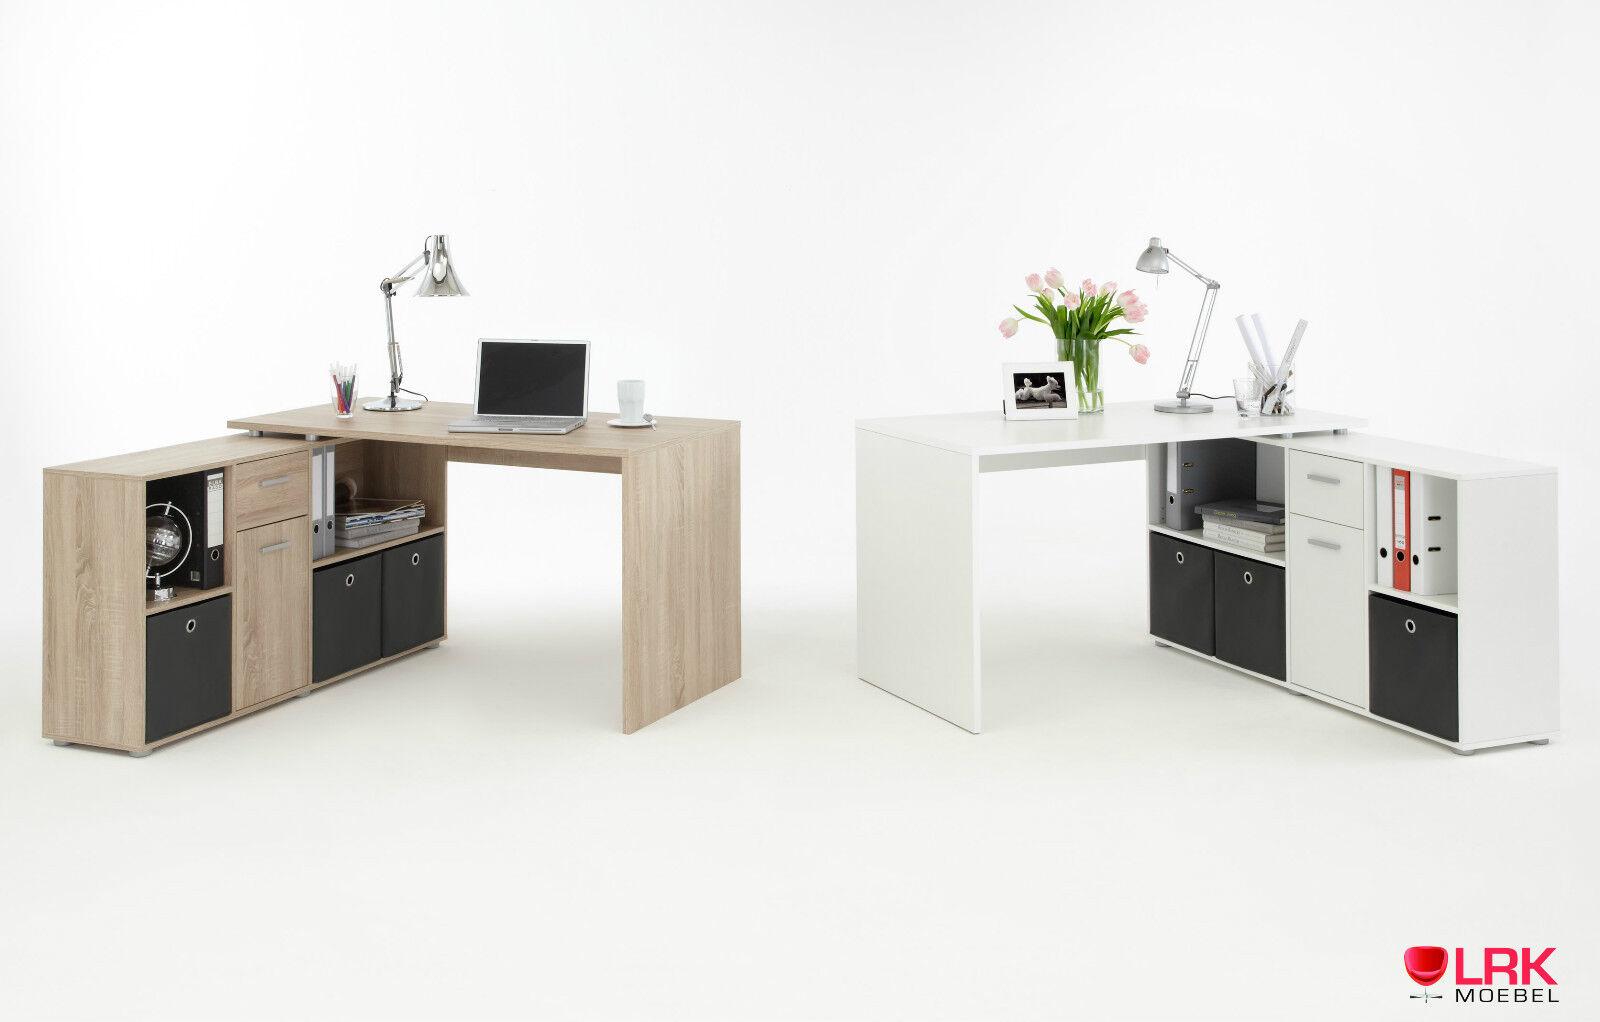 FMD Schreibtischkombination Lea Schreibtisch Winkeltisch Tisch Möbel Bürotisch